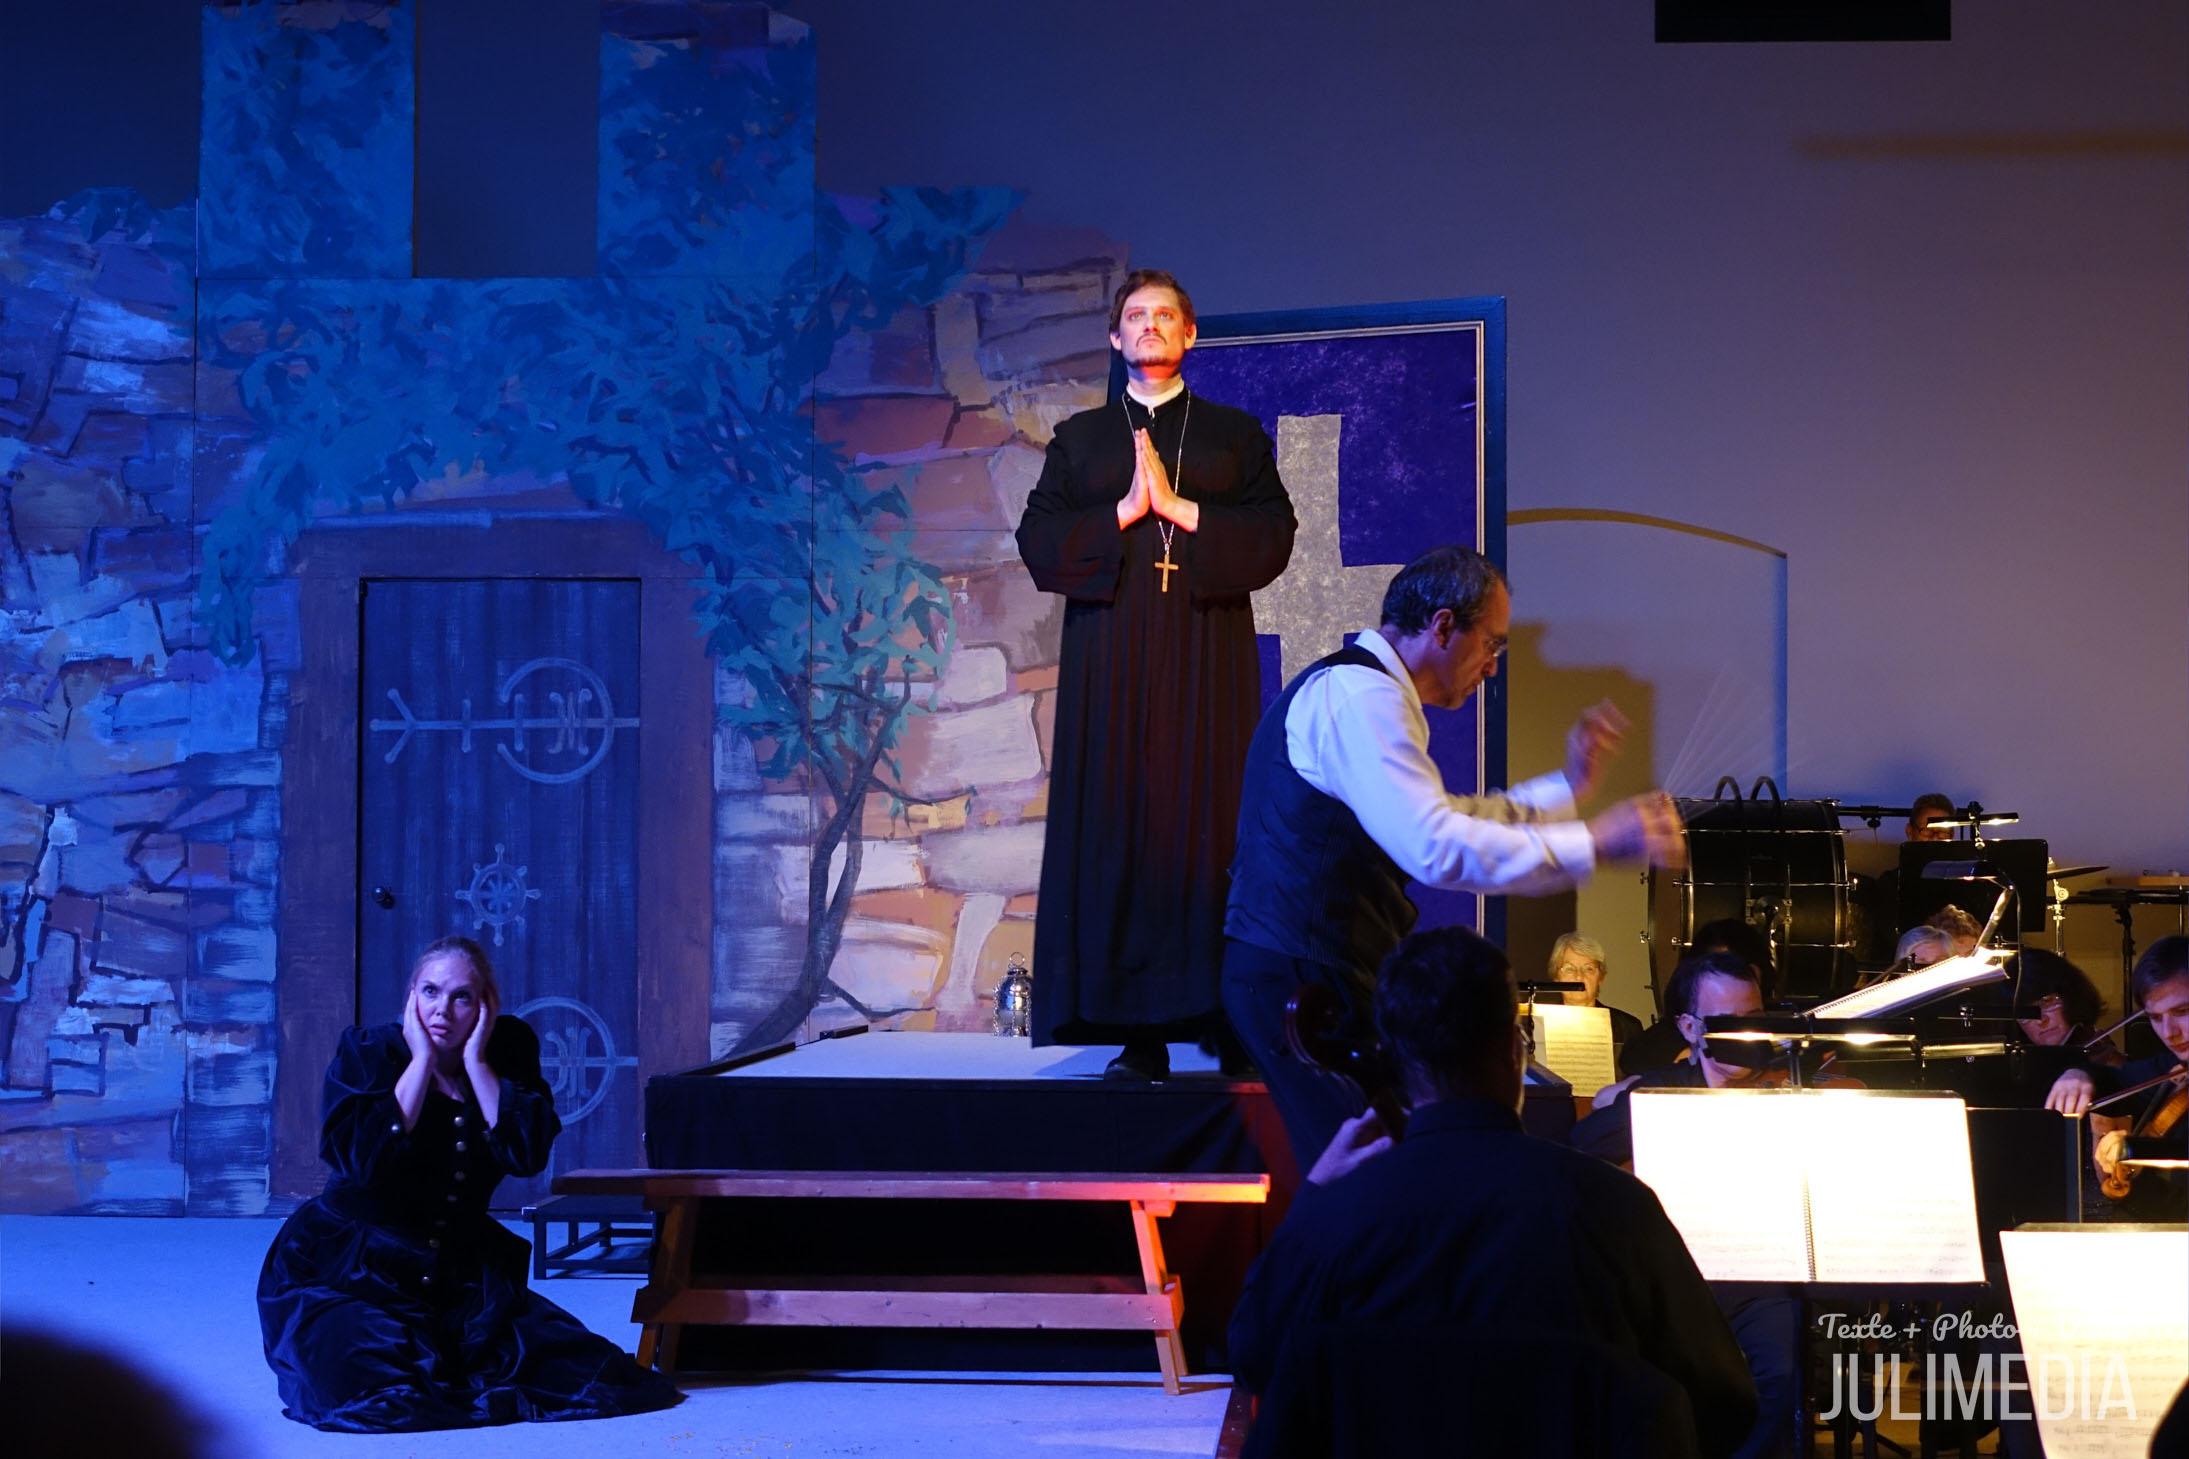 """Margarethe hat ihr Kind umgebracht. Die Oper """"Faust"""" hat am 11. August im Marstall  in Wernigerode Premiere gefeiert."""